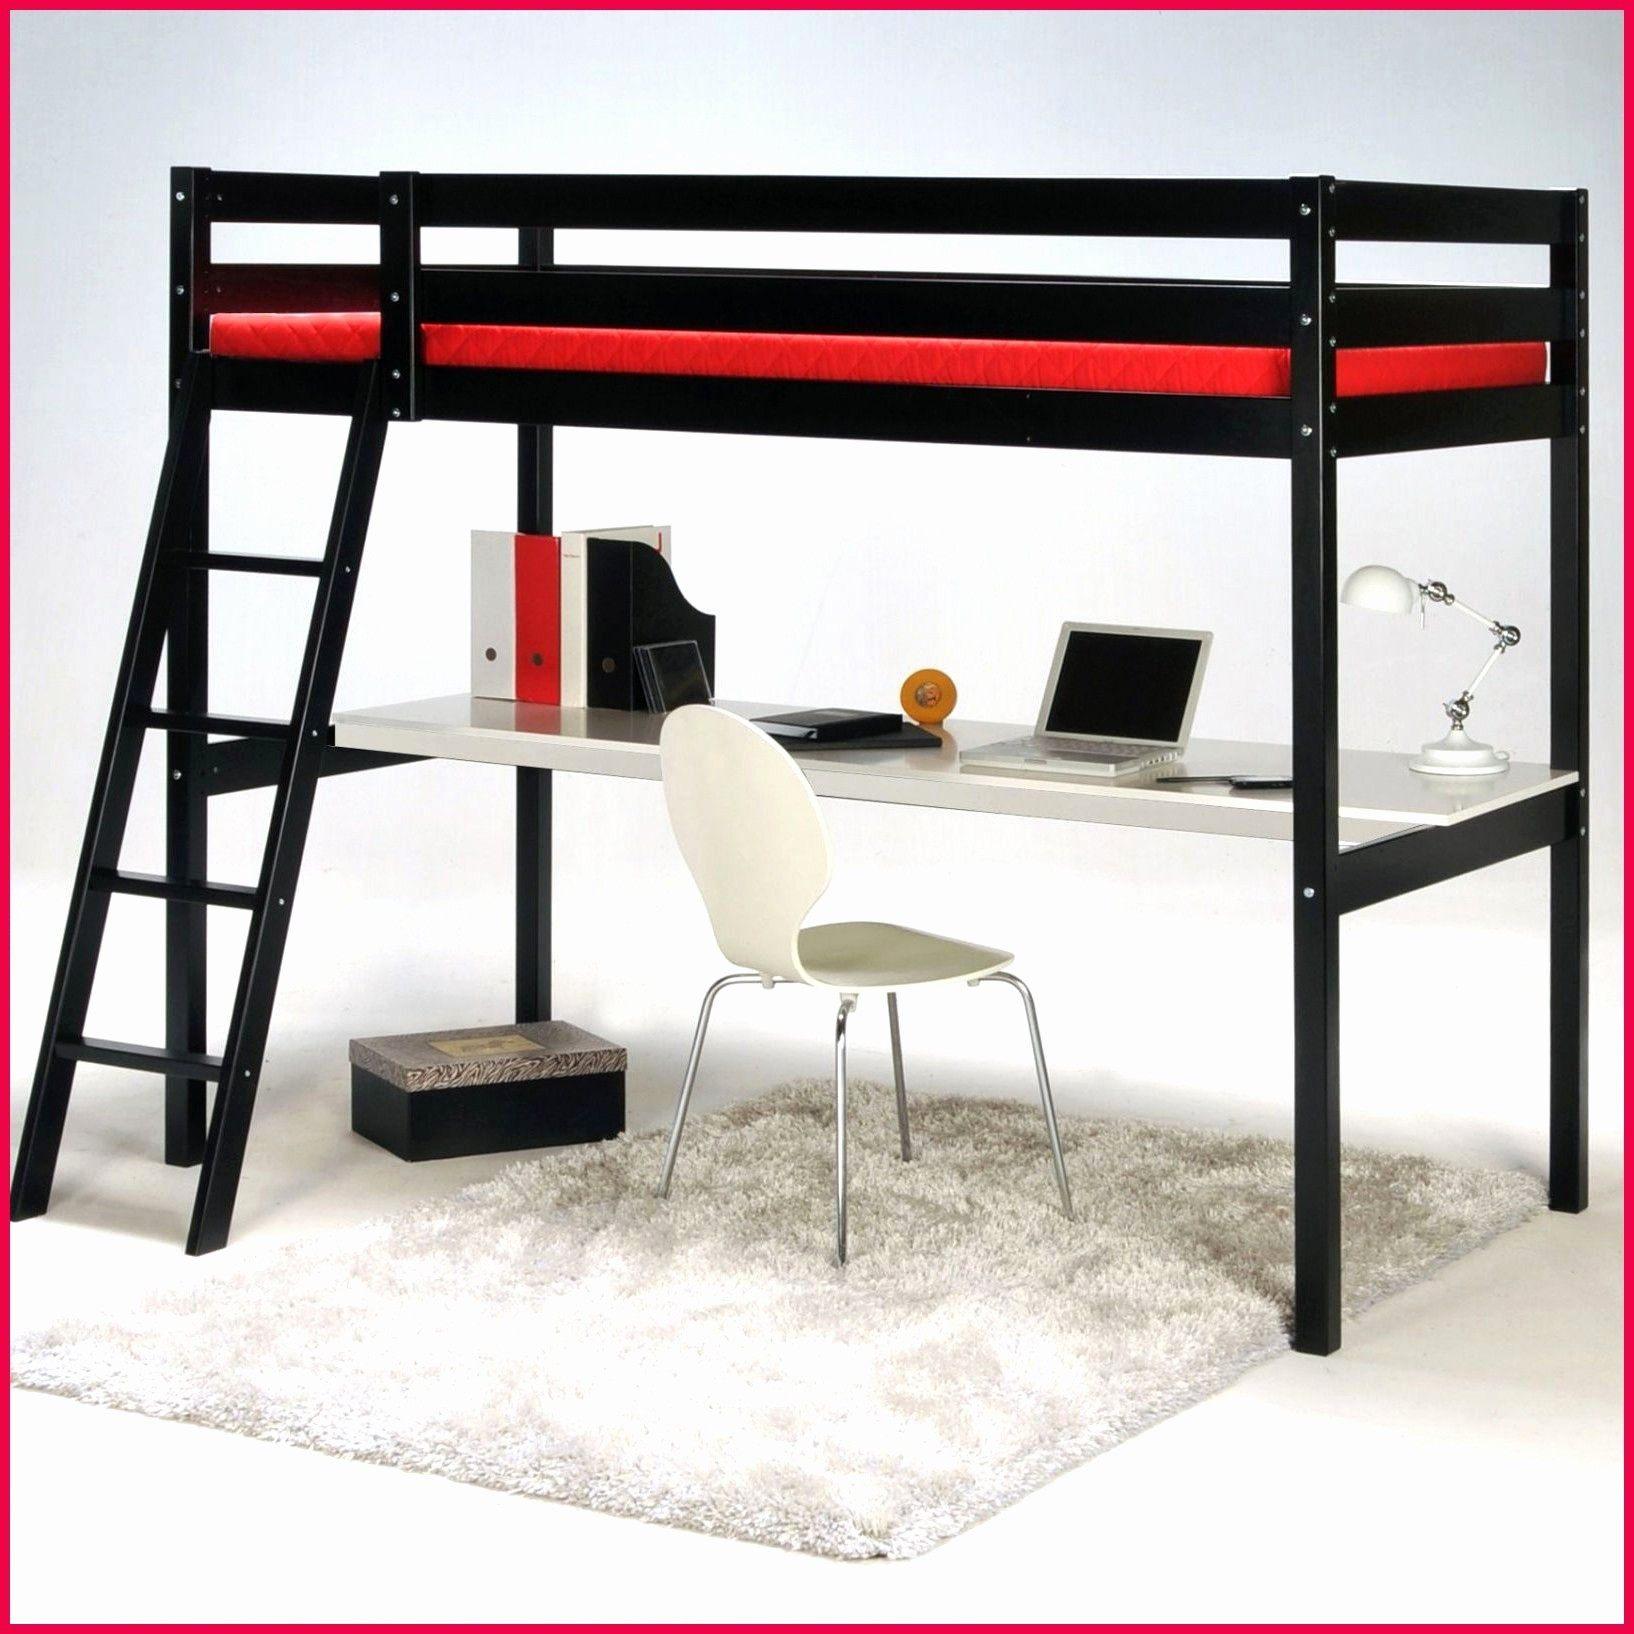 Lit Superposé Rabattable Le Luxe Lit Mezzanine Bureau Armoire Lit Convertible 2 Places Ikea Canape 2